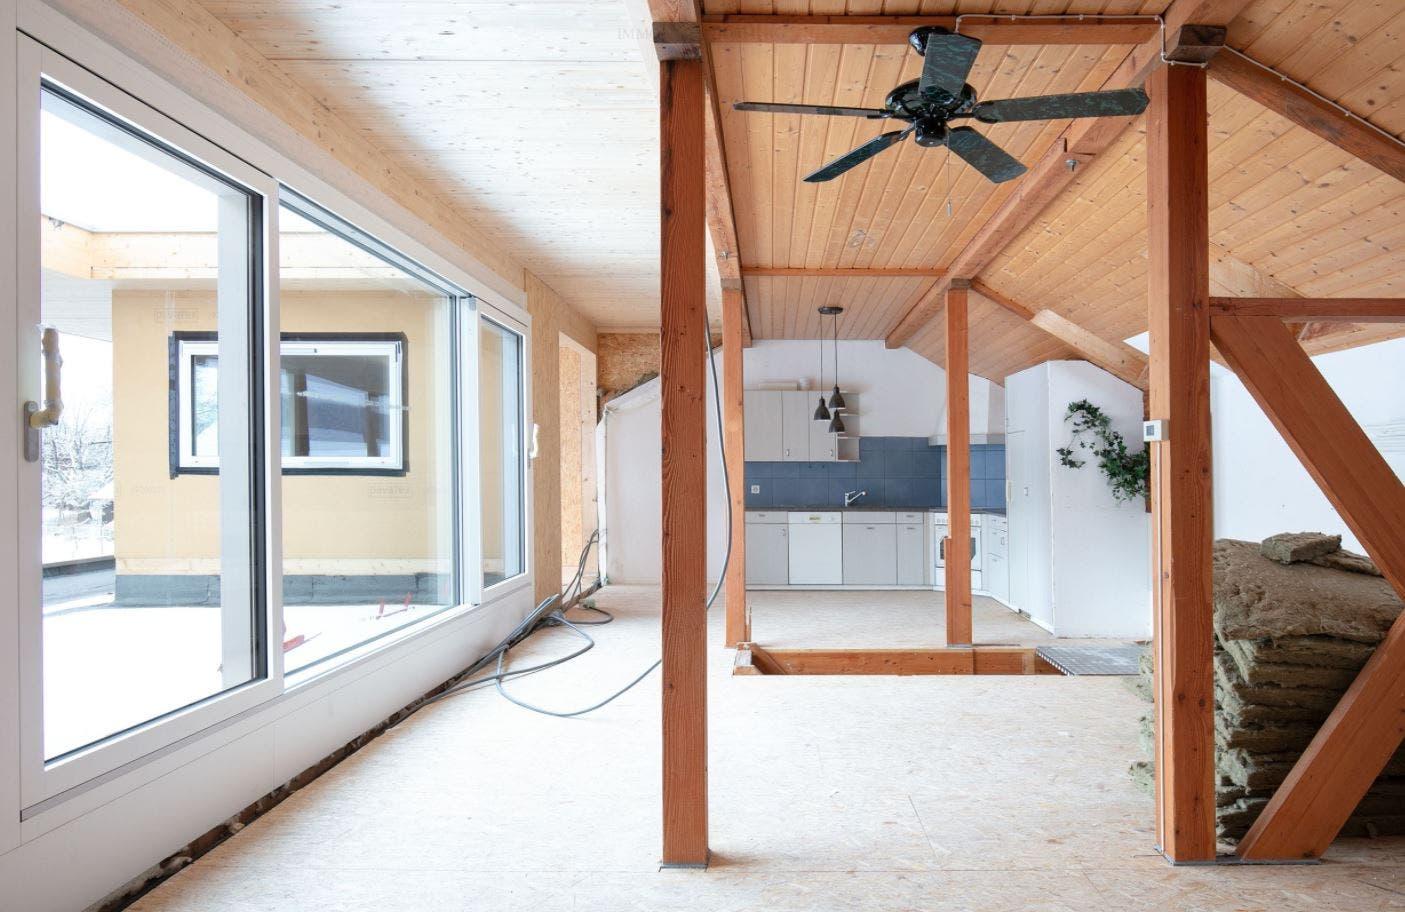 Viel Licht und viel Holz machen das Innere des Hauses aus.